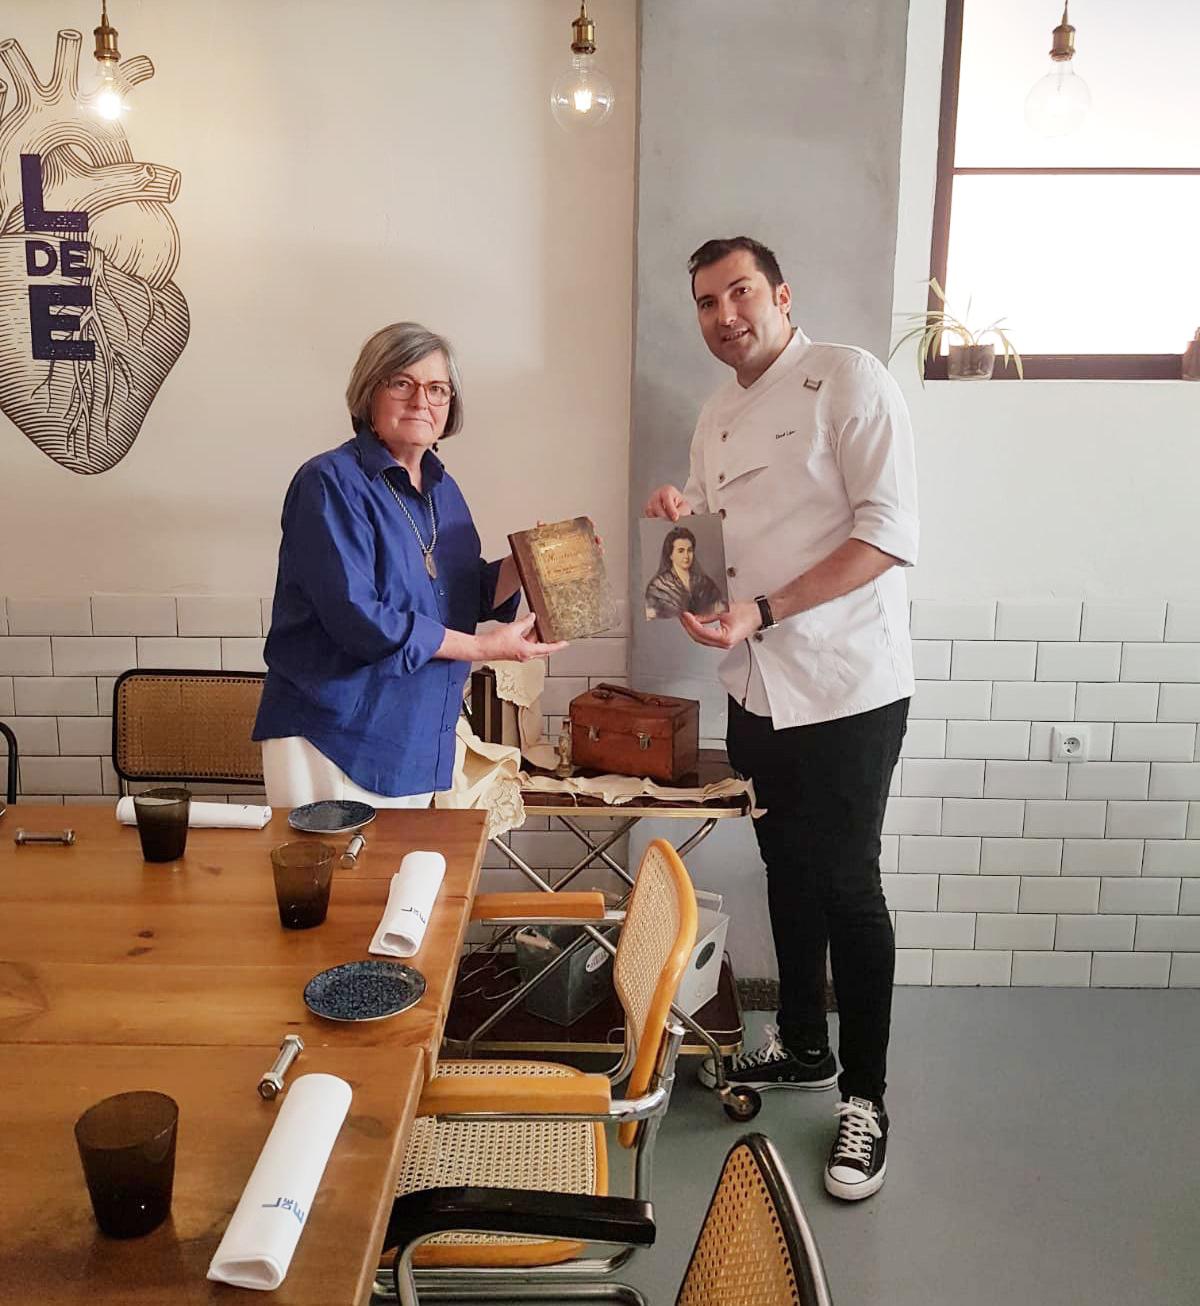 Belén Laguía junto al cocinero David López, en su restaurante 'Local de Ensayo'. Foto: Belén Laguía.